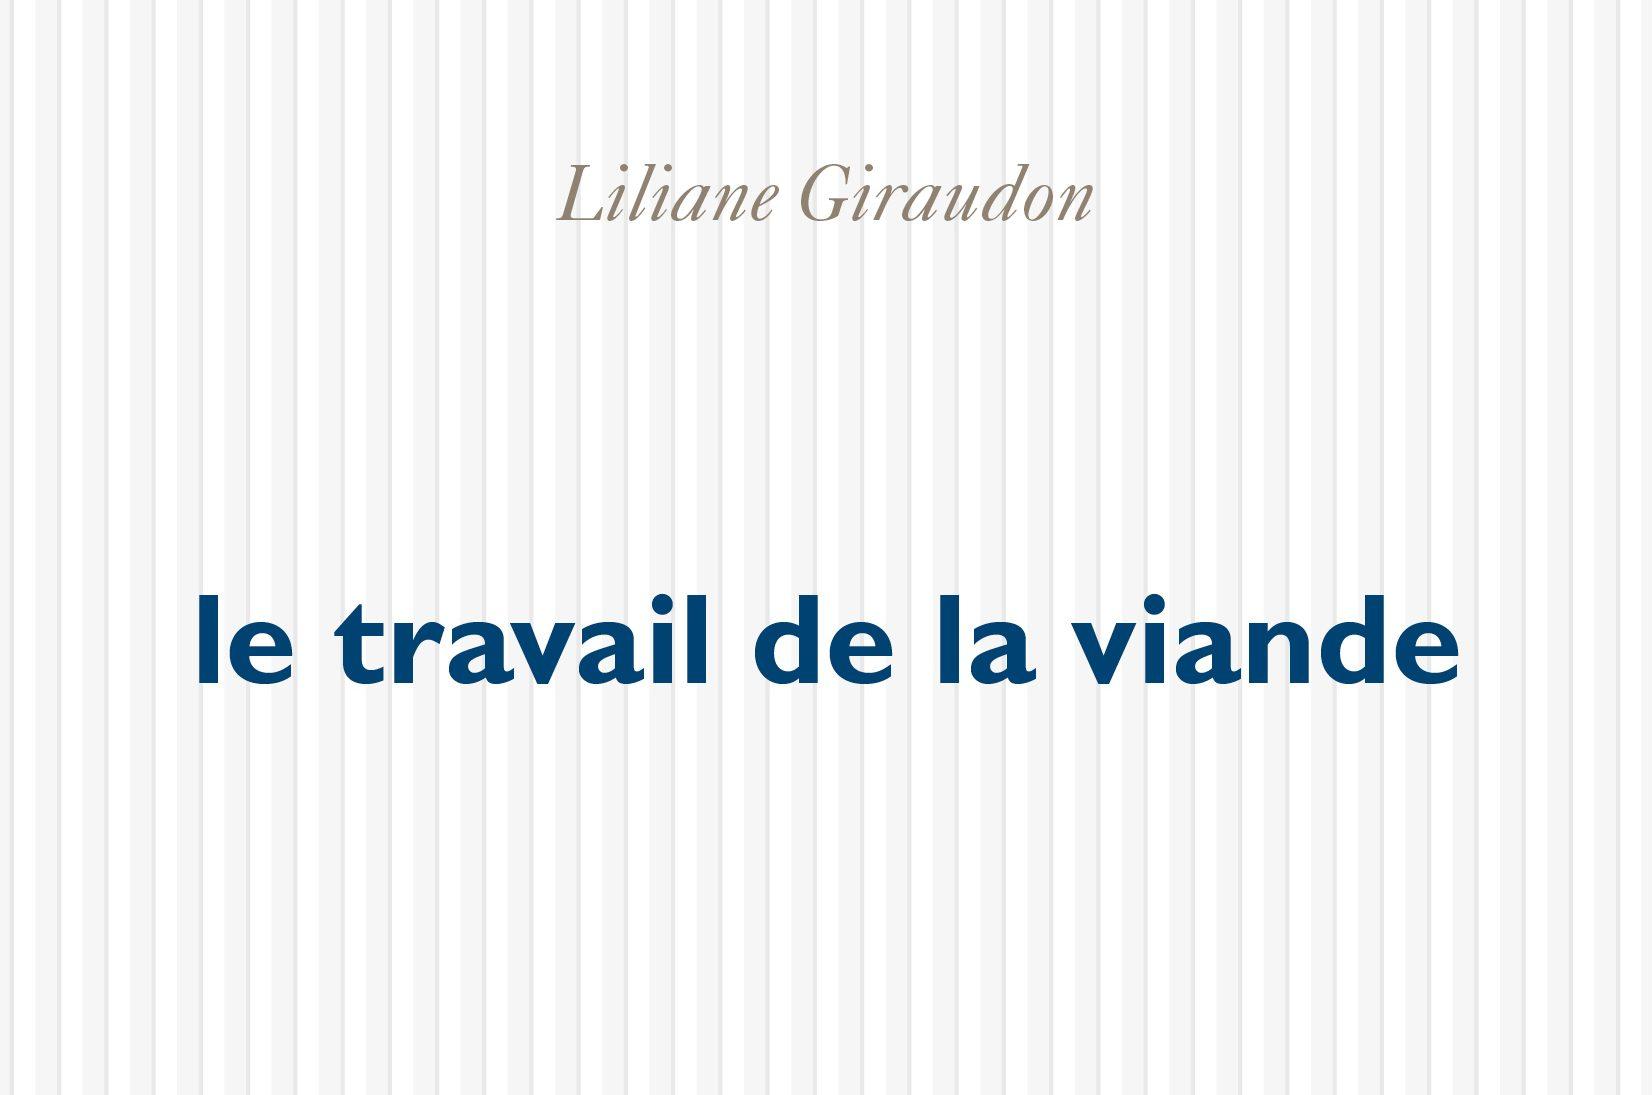 Exercice de dépossession: Liliane Giraudon (le travail de la viande)